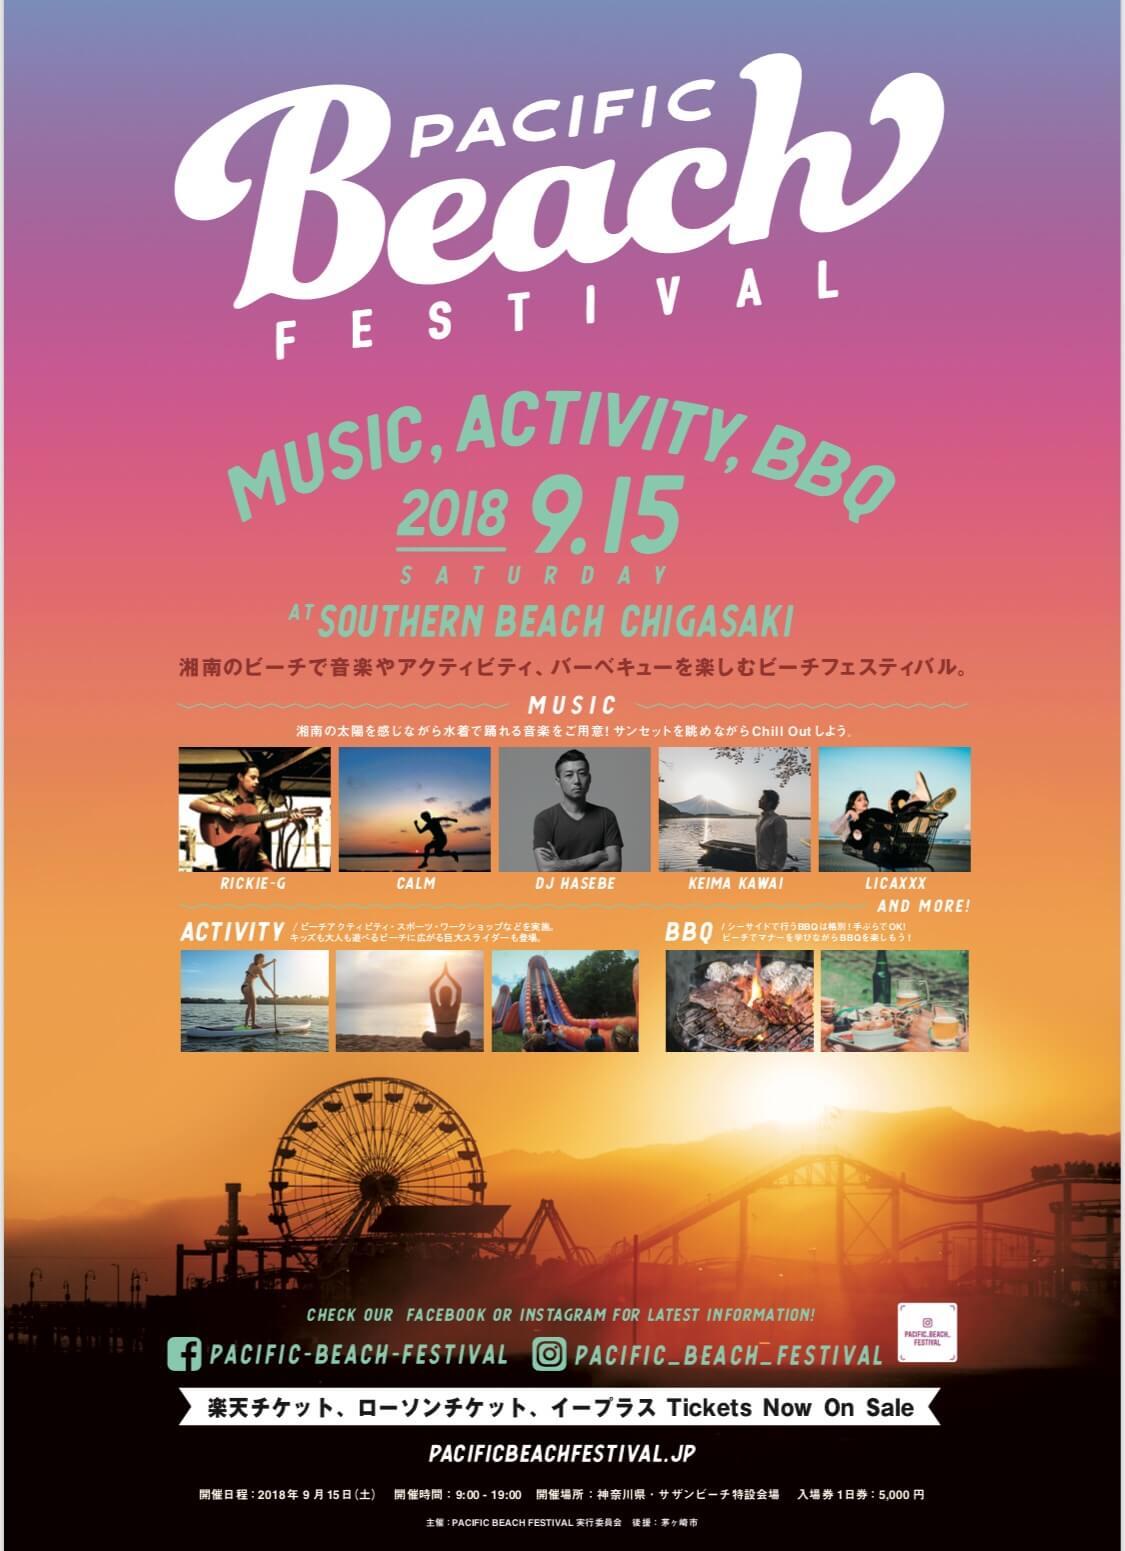 湘南のビーチを満喫するフェス「PACIFIC BEACH FESTIVAL」Rickie-G、DJ HASEBEら第1弾アーティスト発表サムネイル画像